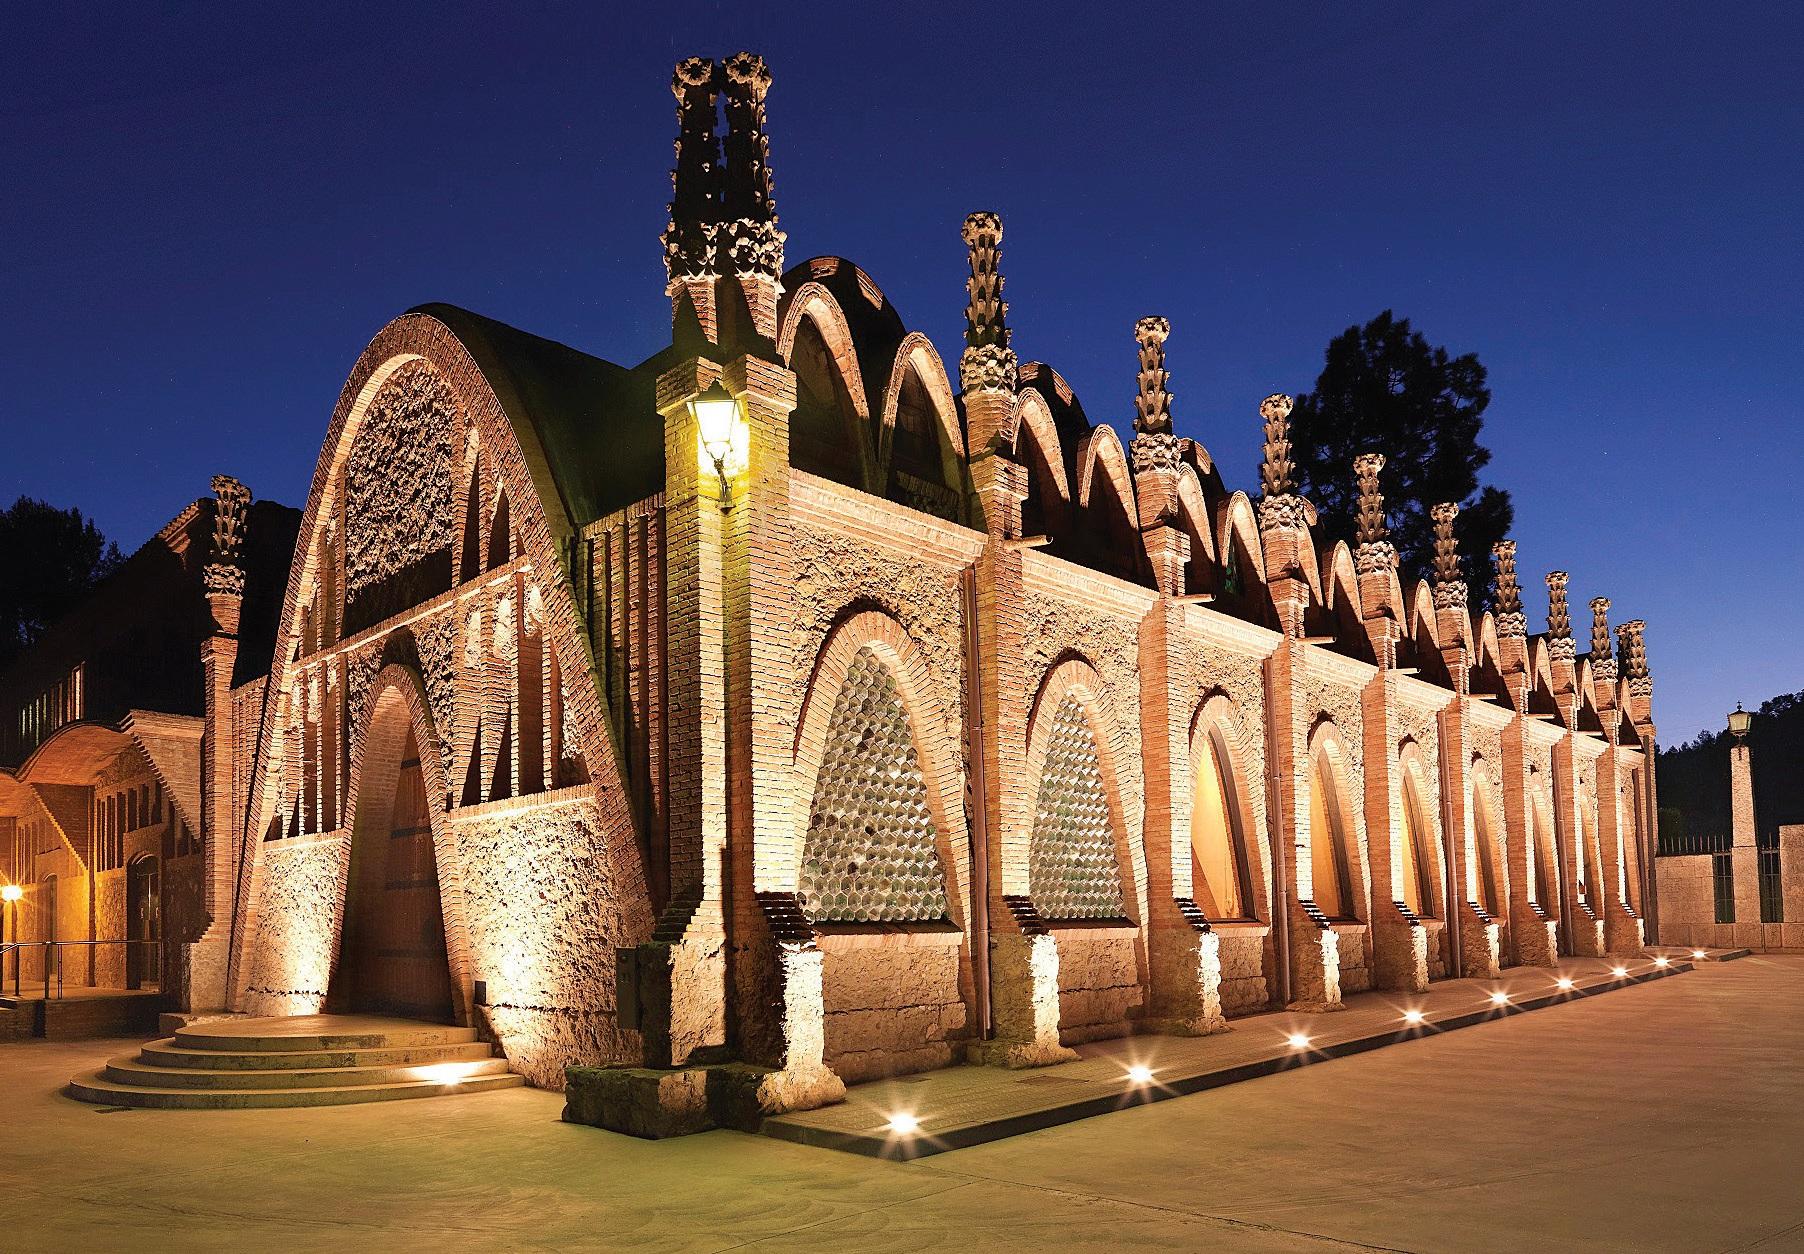 Cava katedra, pastatyta 1895 m. Architektas – Antonio Gaudí amžininkas Josephas Puigi Cadafalchas